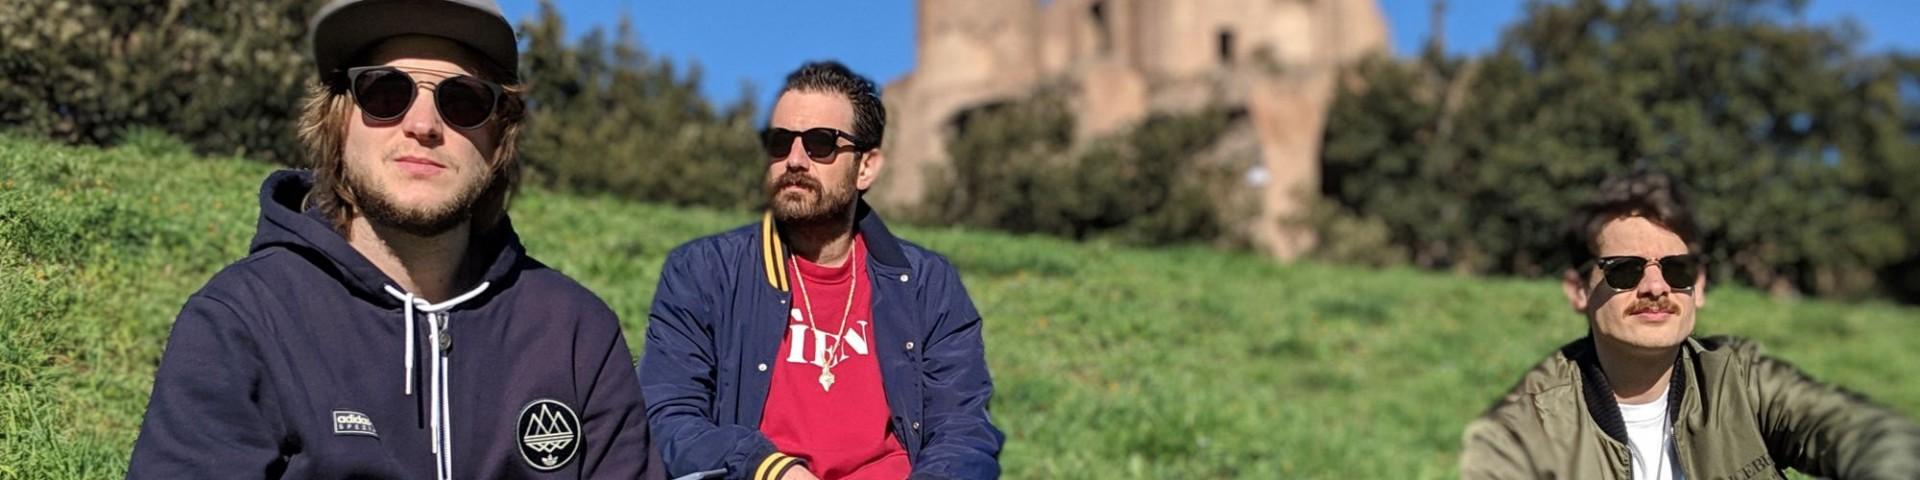 Thegiornalisti al Circo Massimo: biglietti, scaletta, strade chiuse